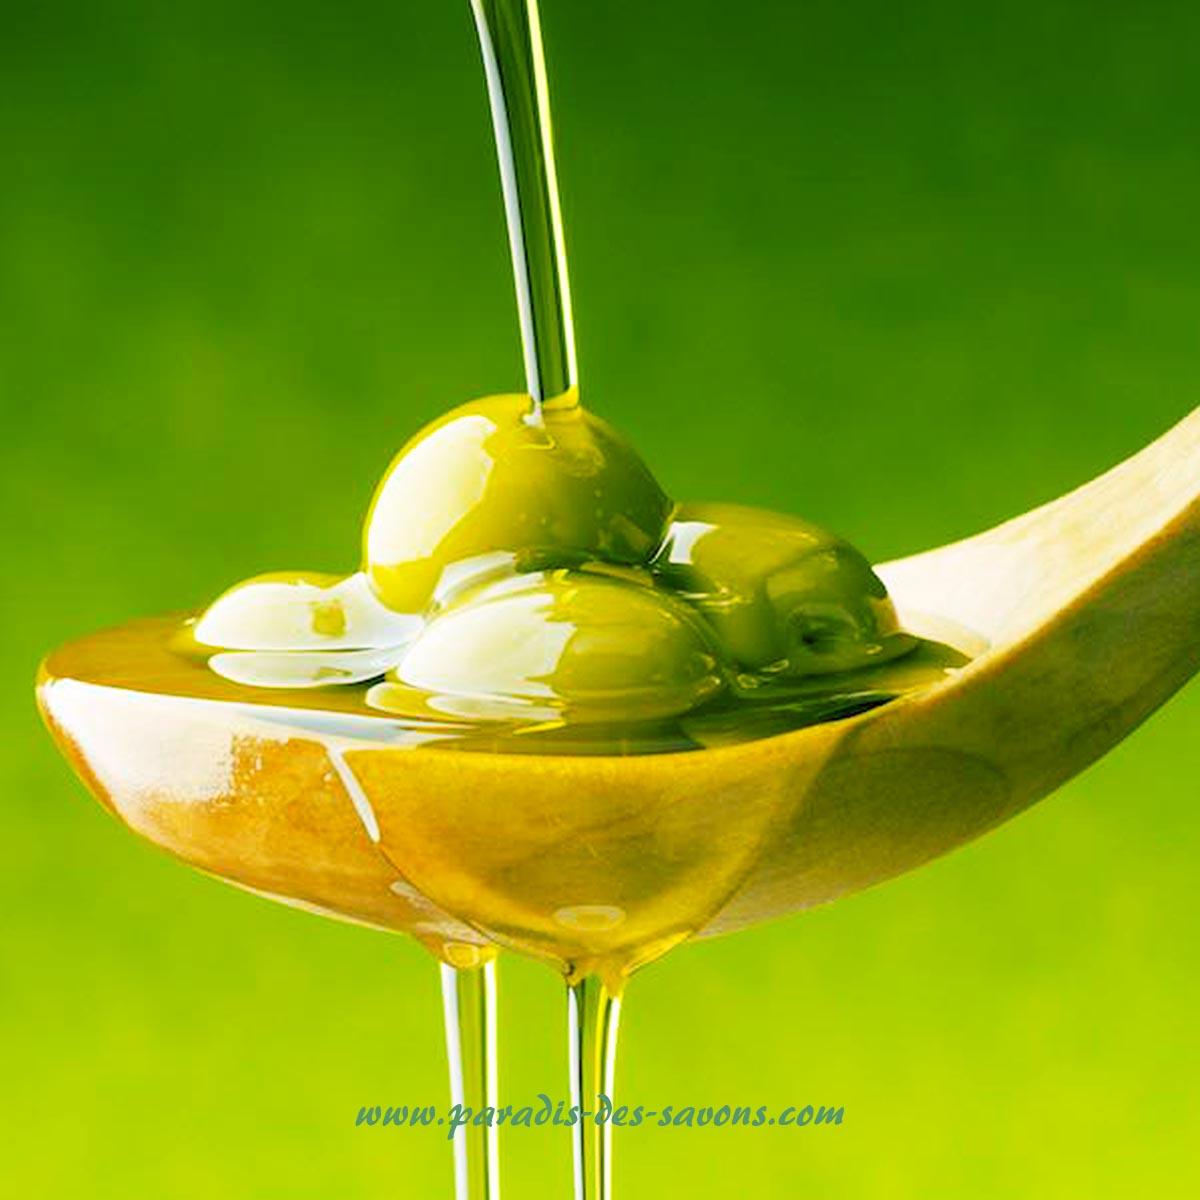 huile d olive pour la peau vitalit et long vit pour votre piderme. Black Bedroom Furniture Sets. Home Design Ideas